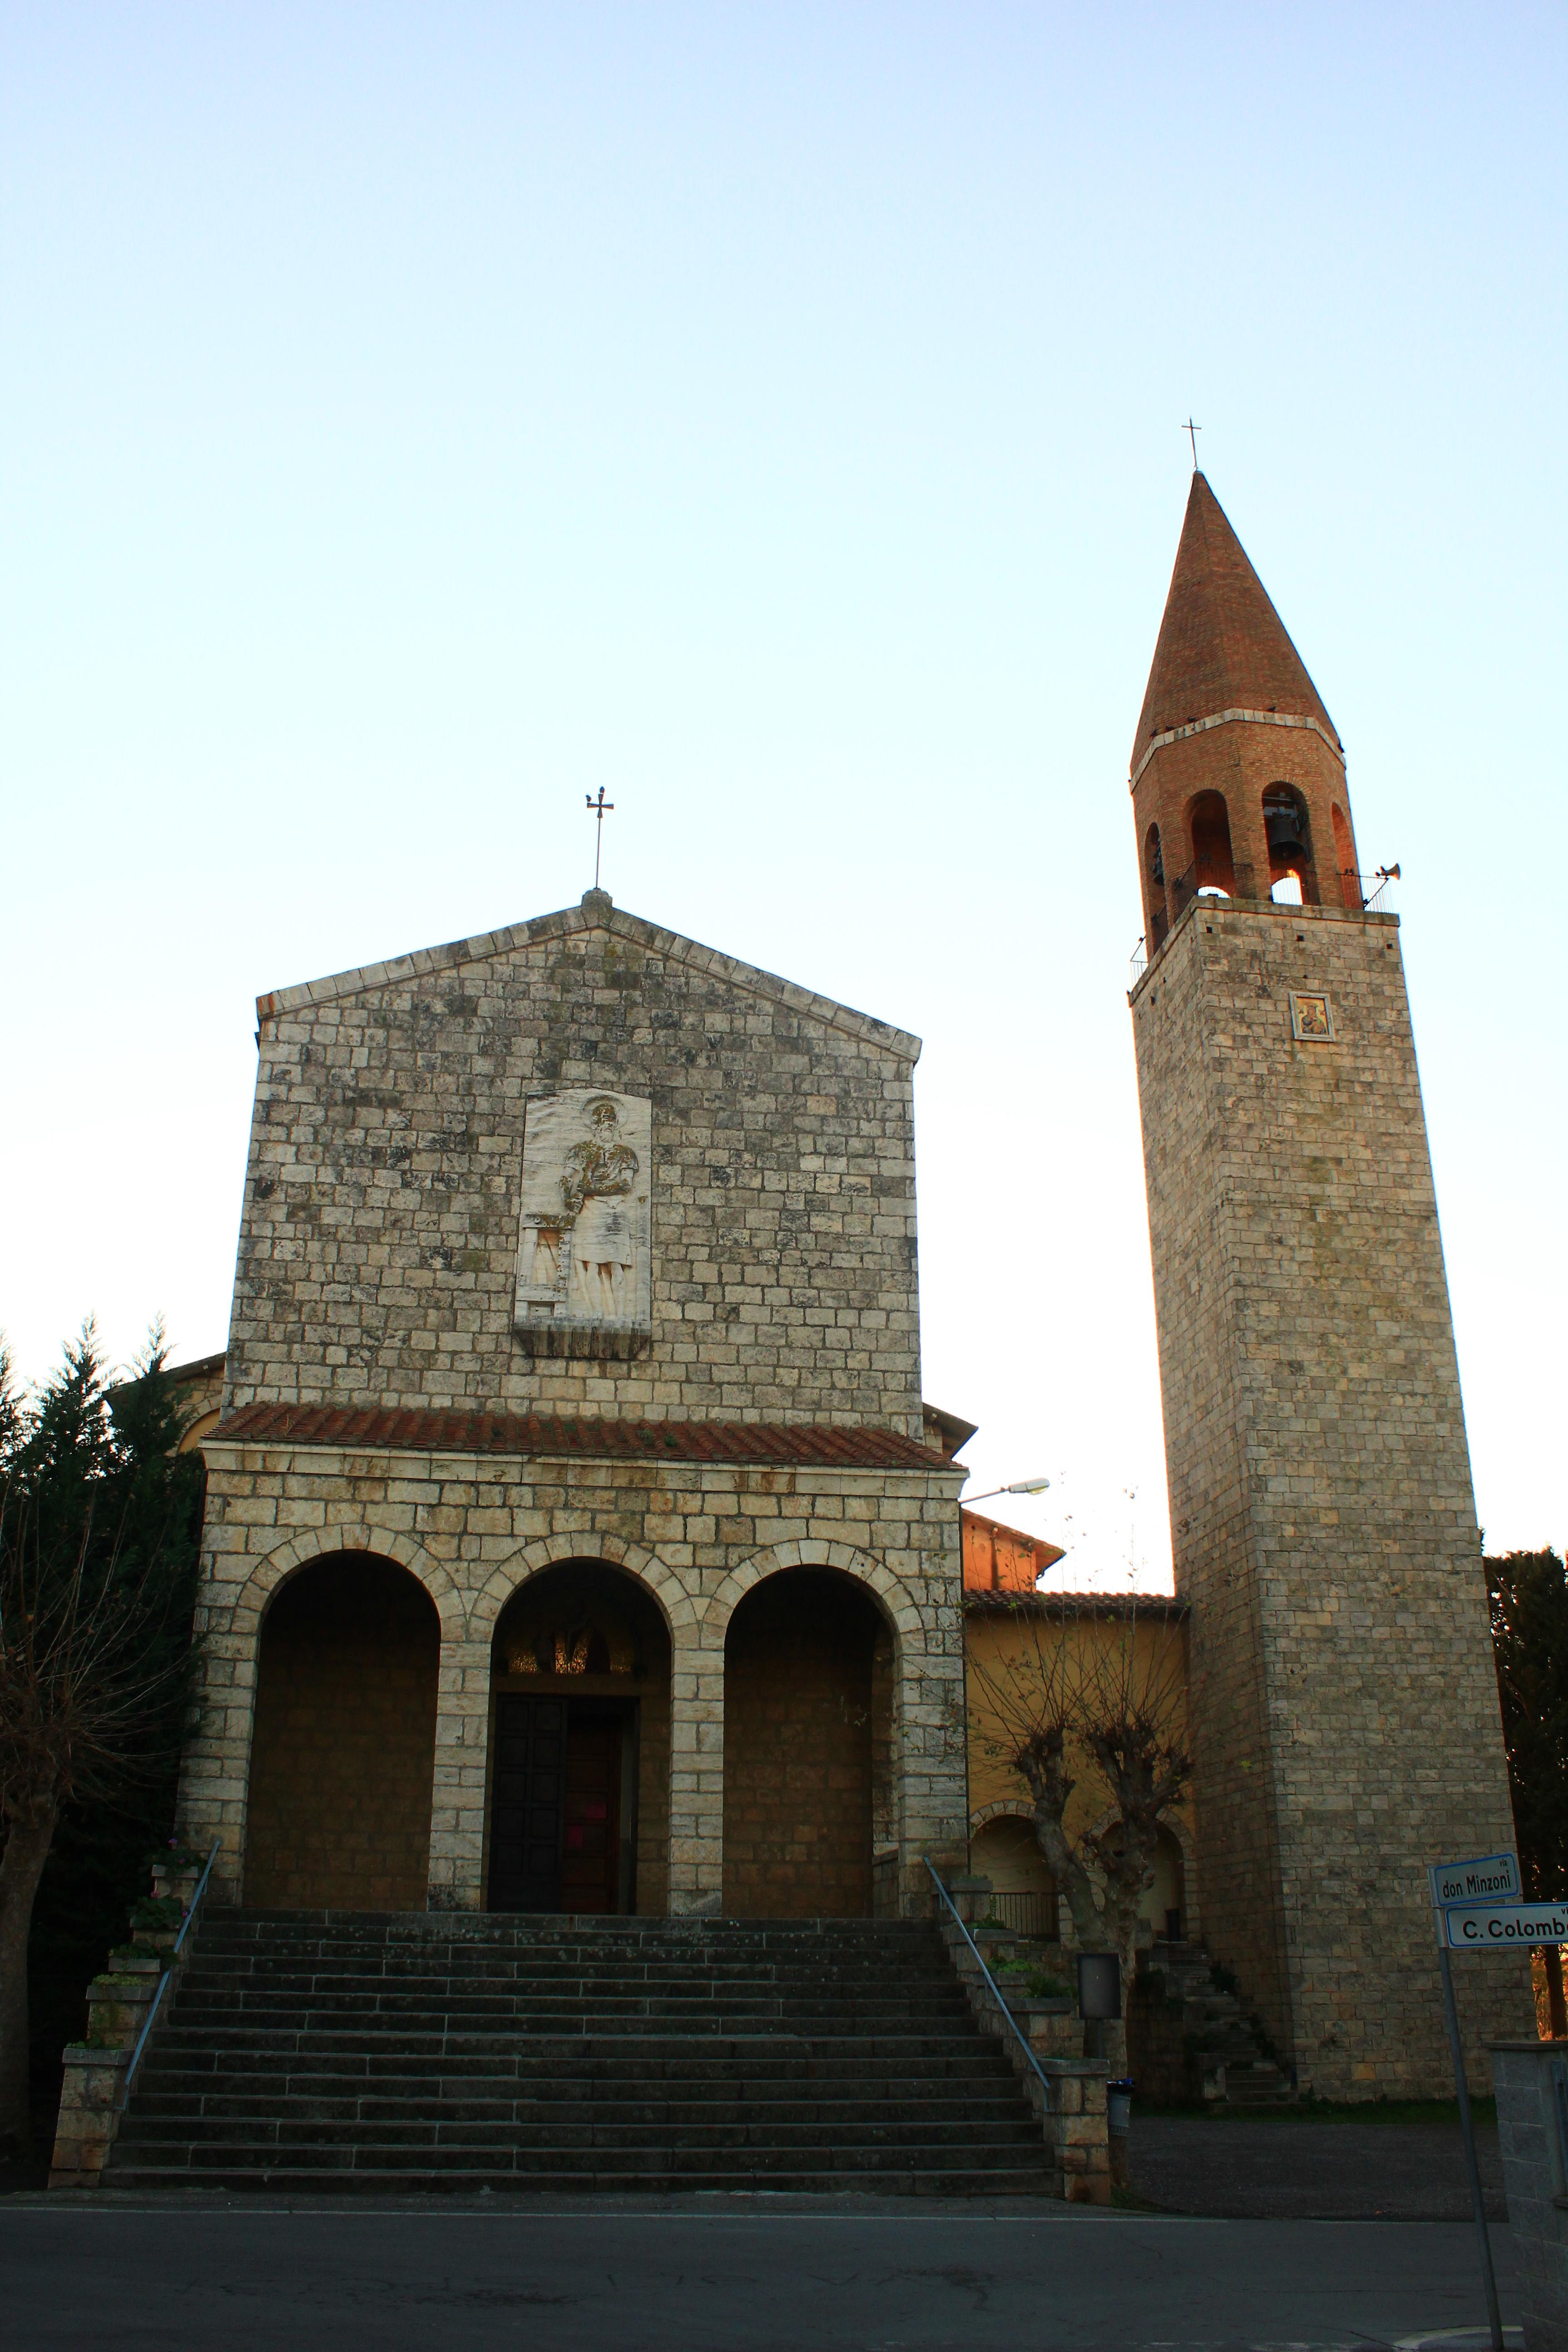 File:Chiesa di San Giuseppe a Bagno di Gavorrano.JPG - Wikimedia Commons